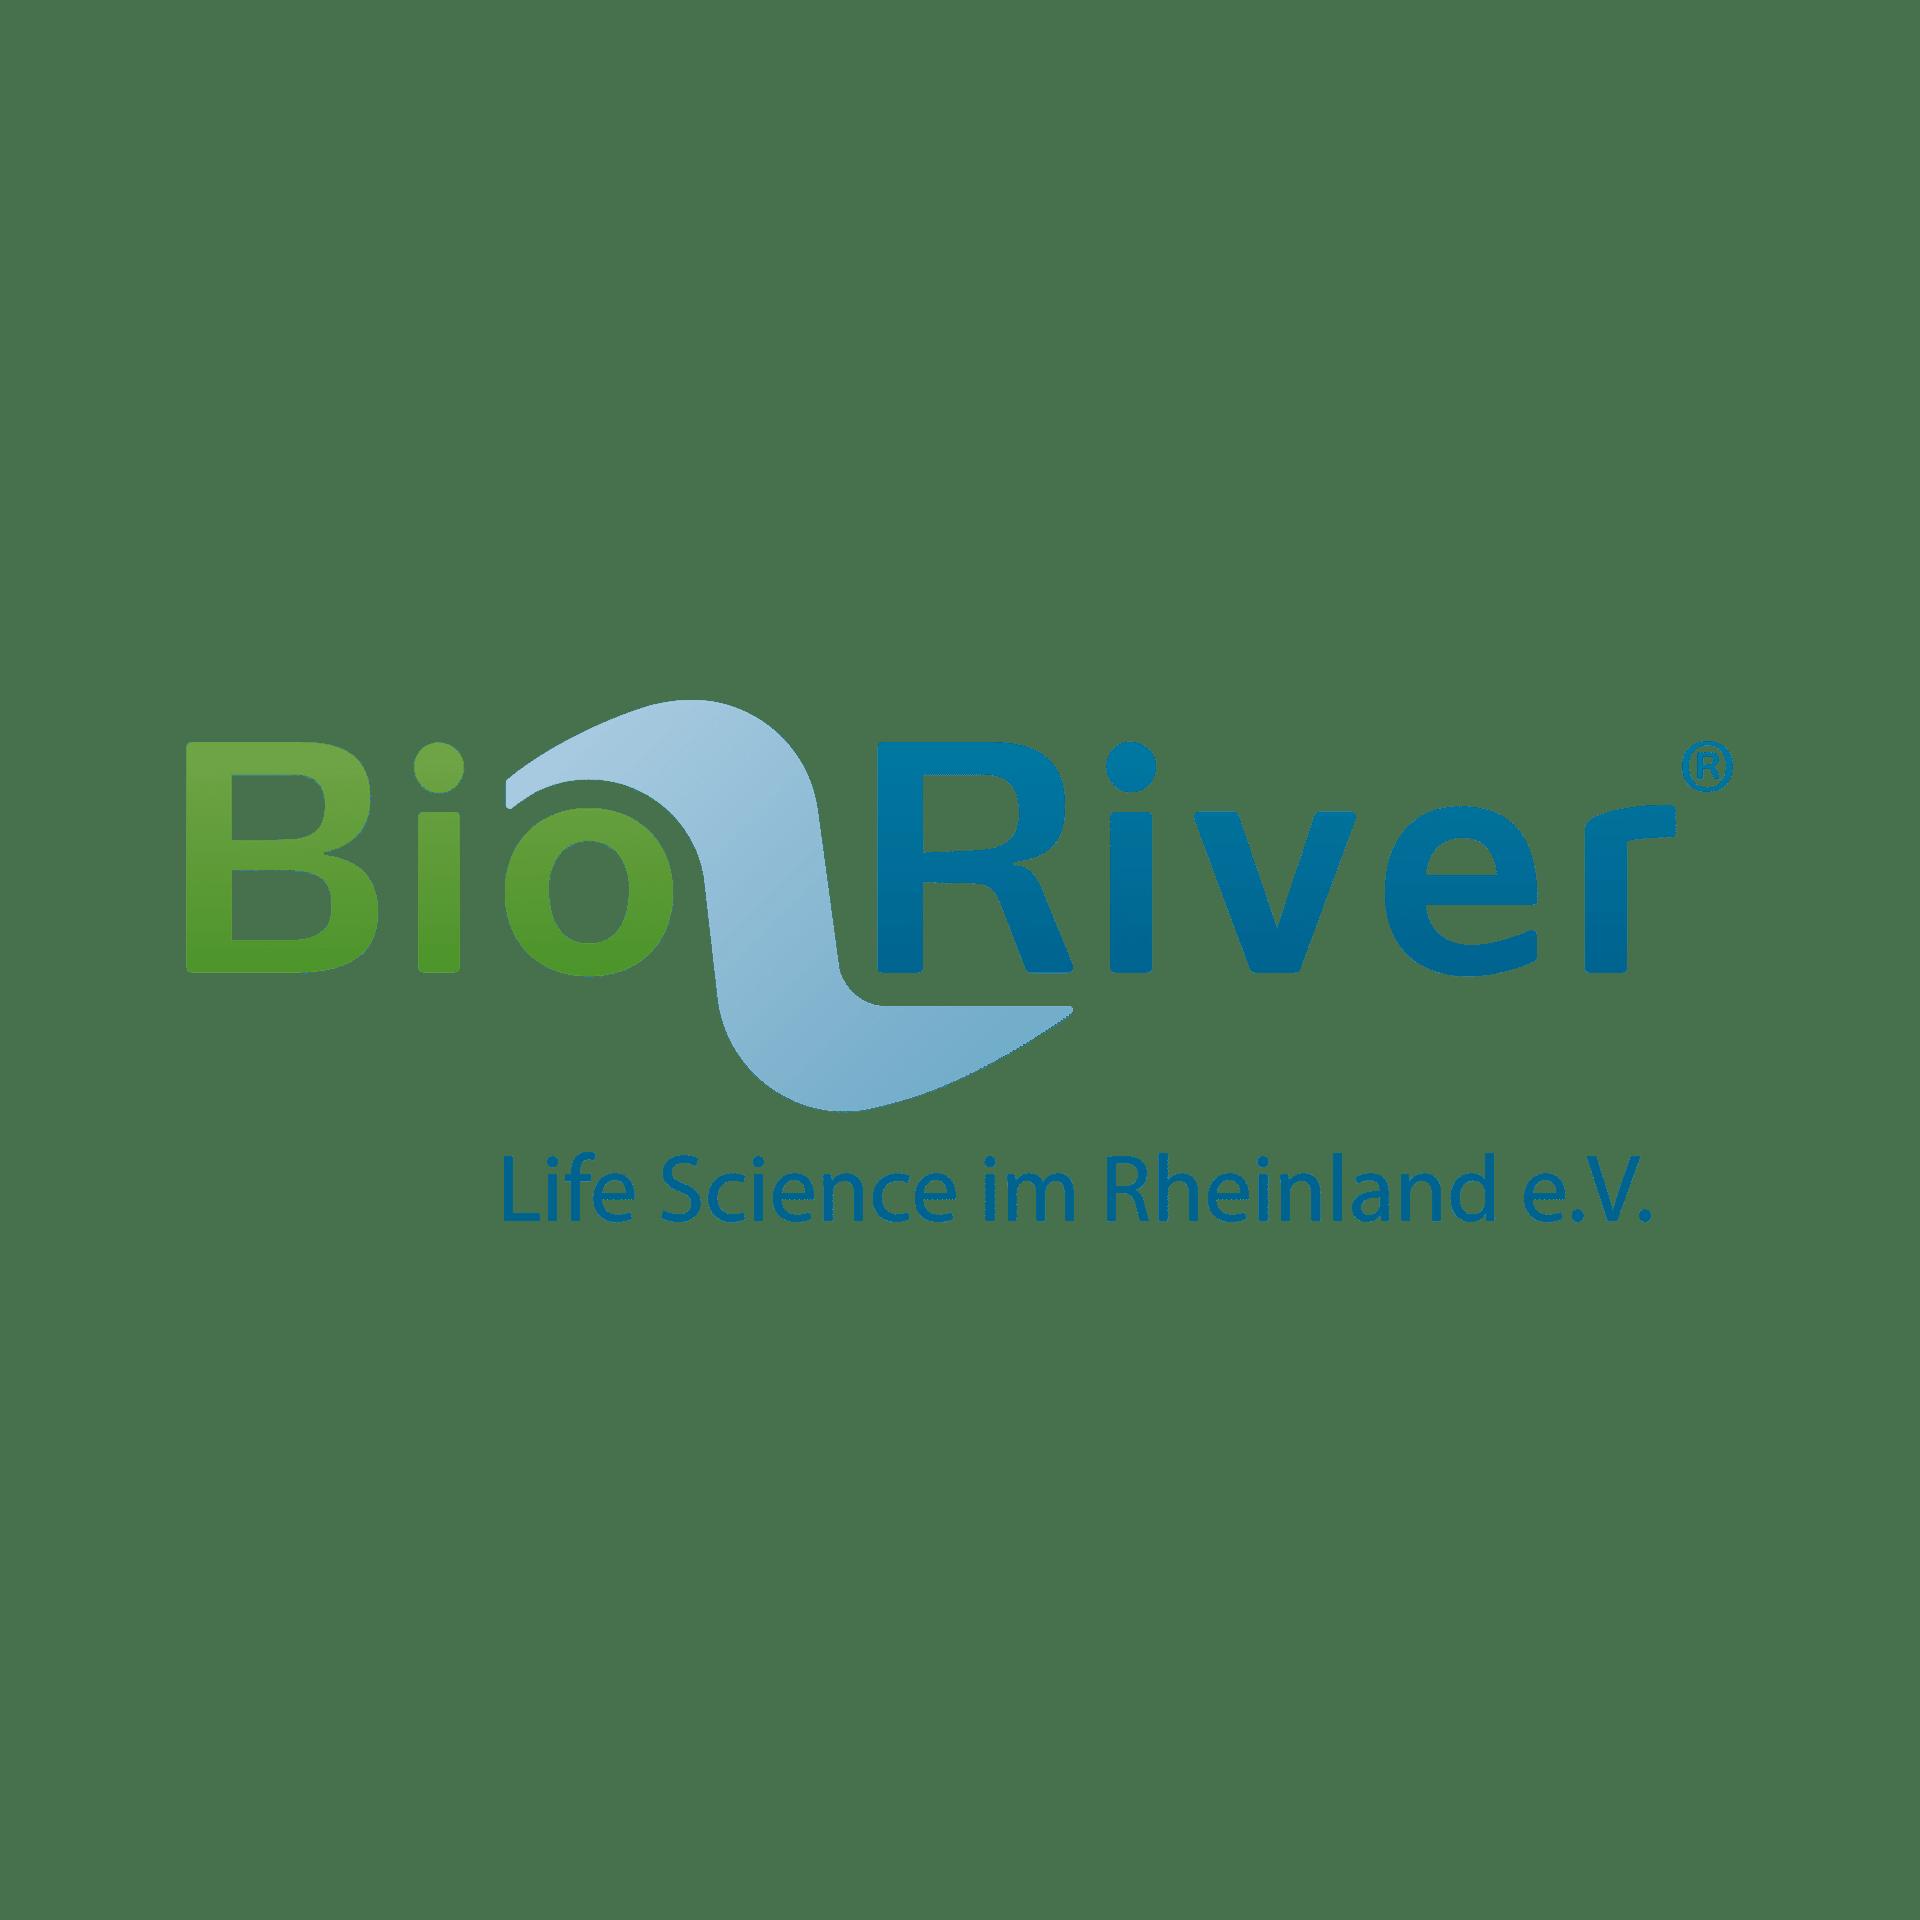 Bio River